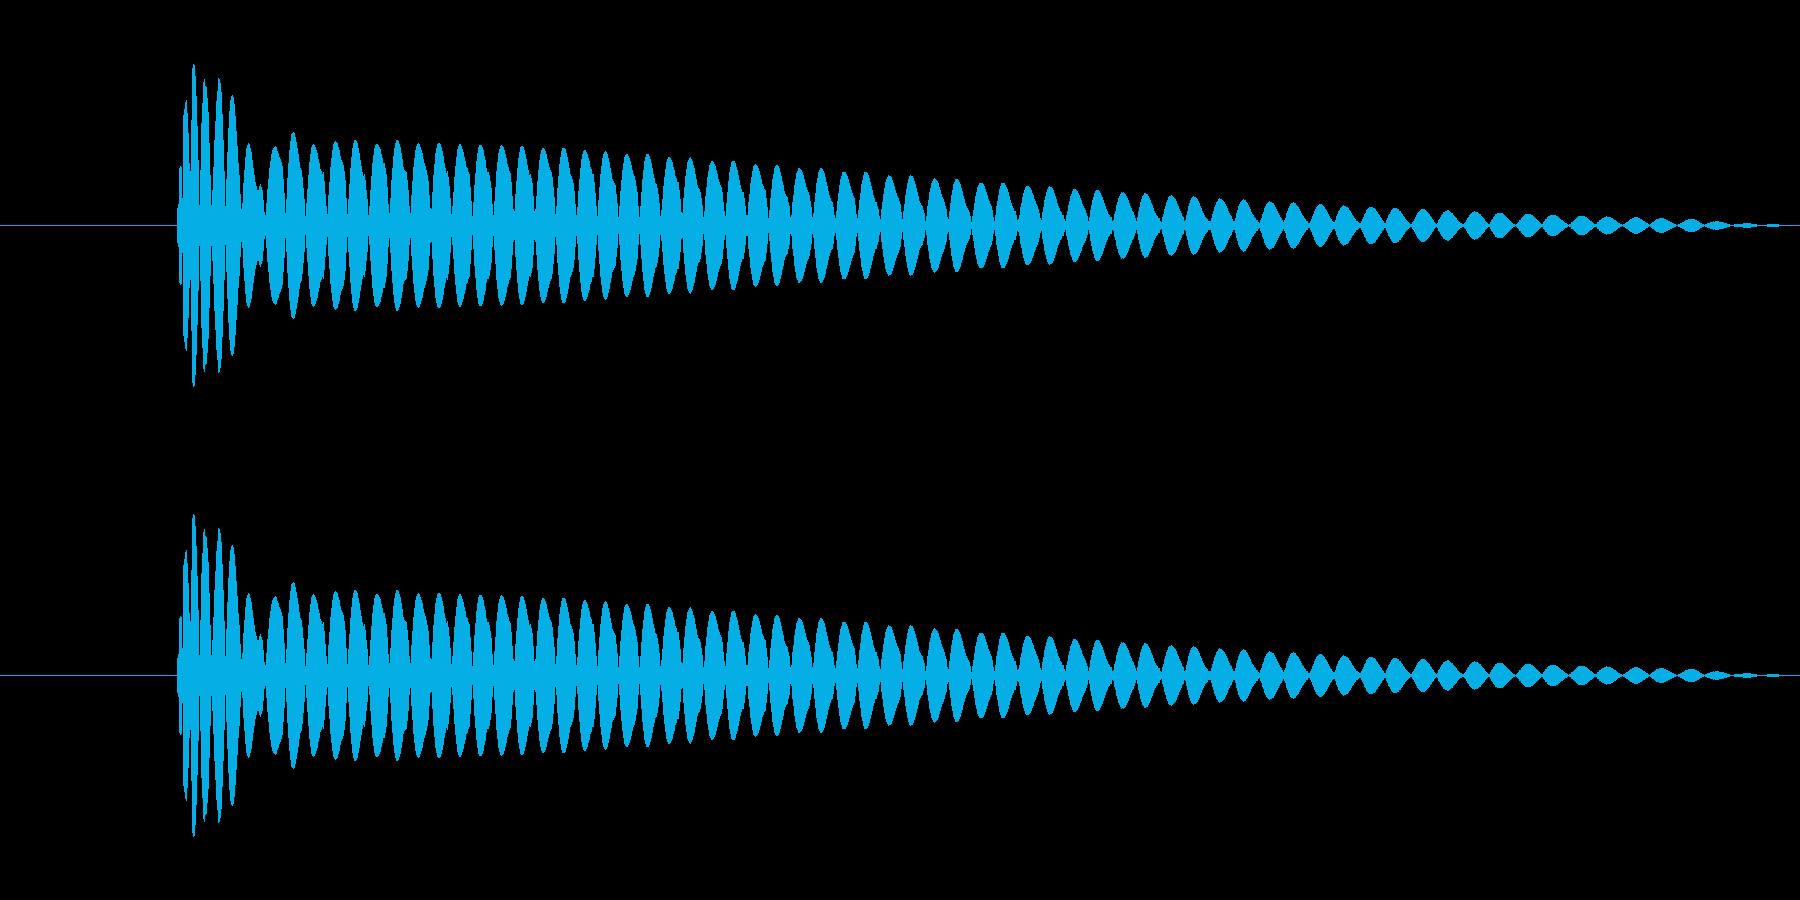 選択不可音の再生済みの波形